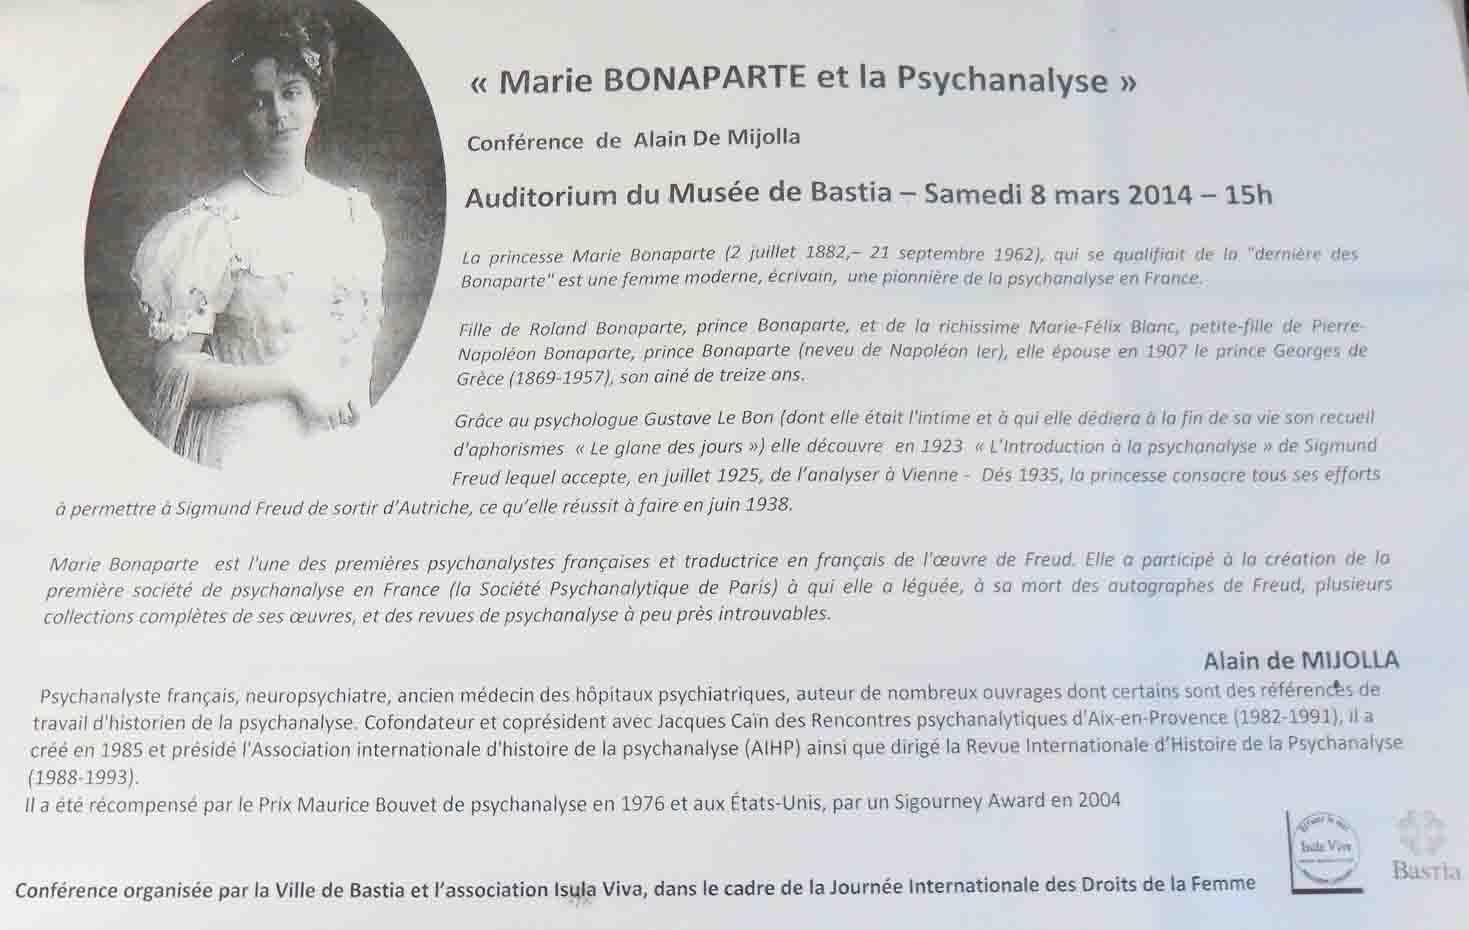 Musée de Bastia : Marie Bonaparte et la Psychanalyse par Alain de Mijolla